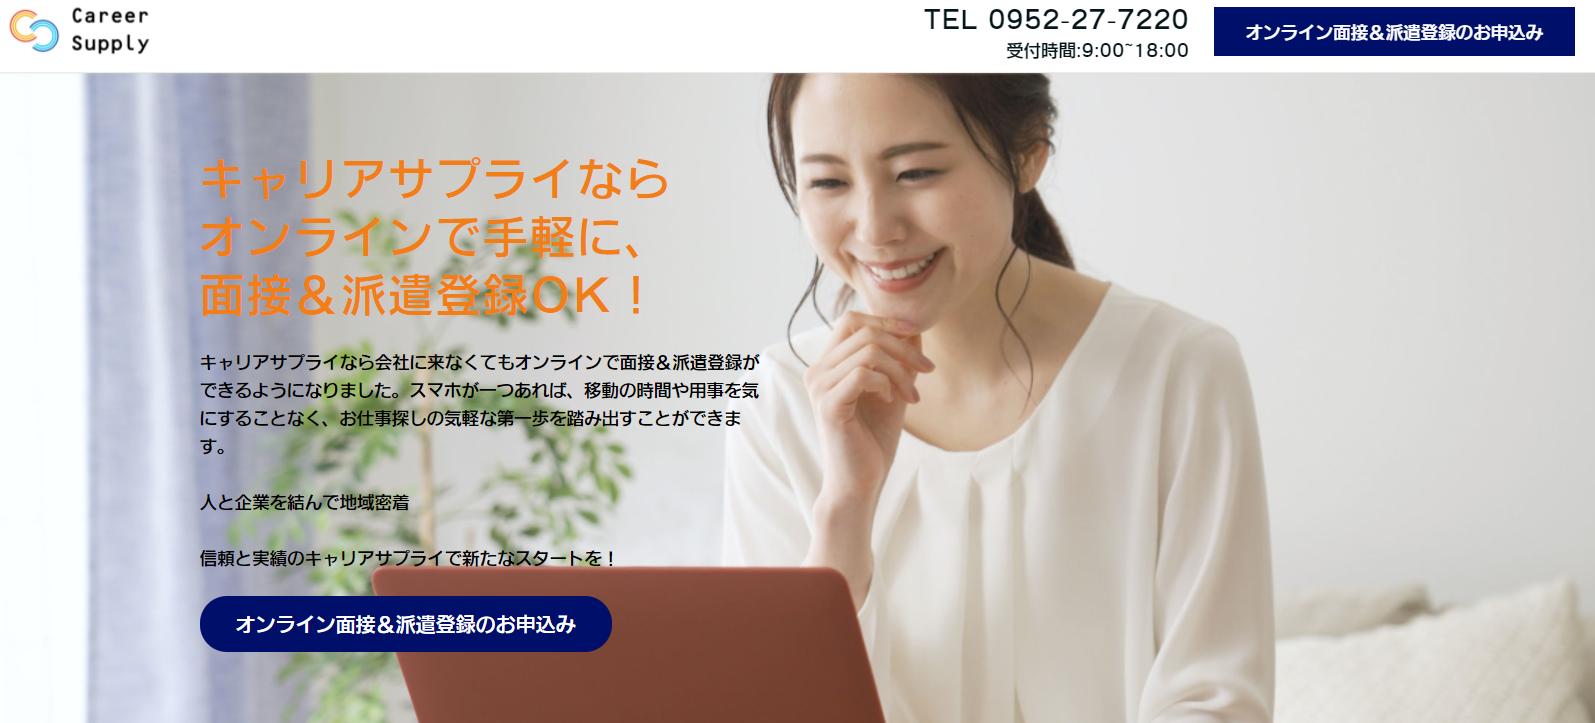 キャリアサプライなら オンラインで手軽に、 面接&派遣登録OK!